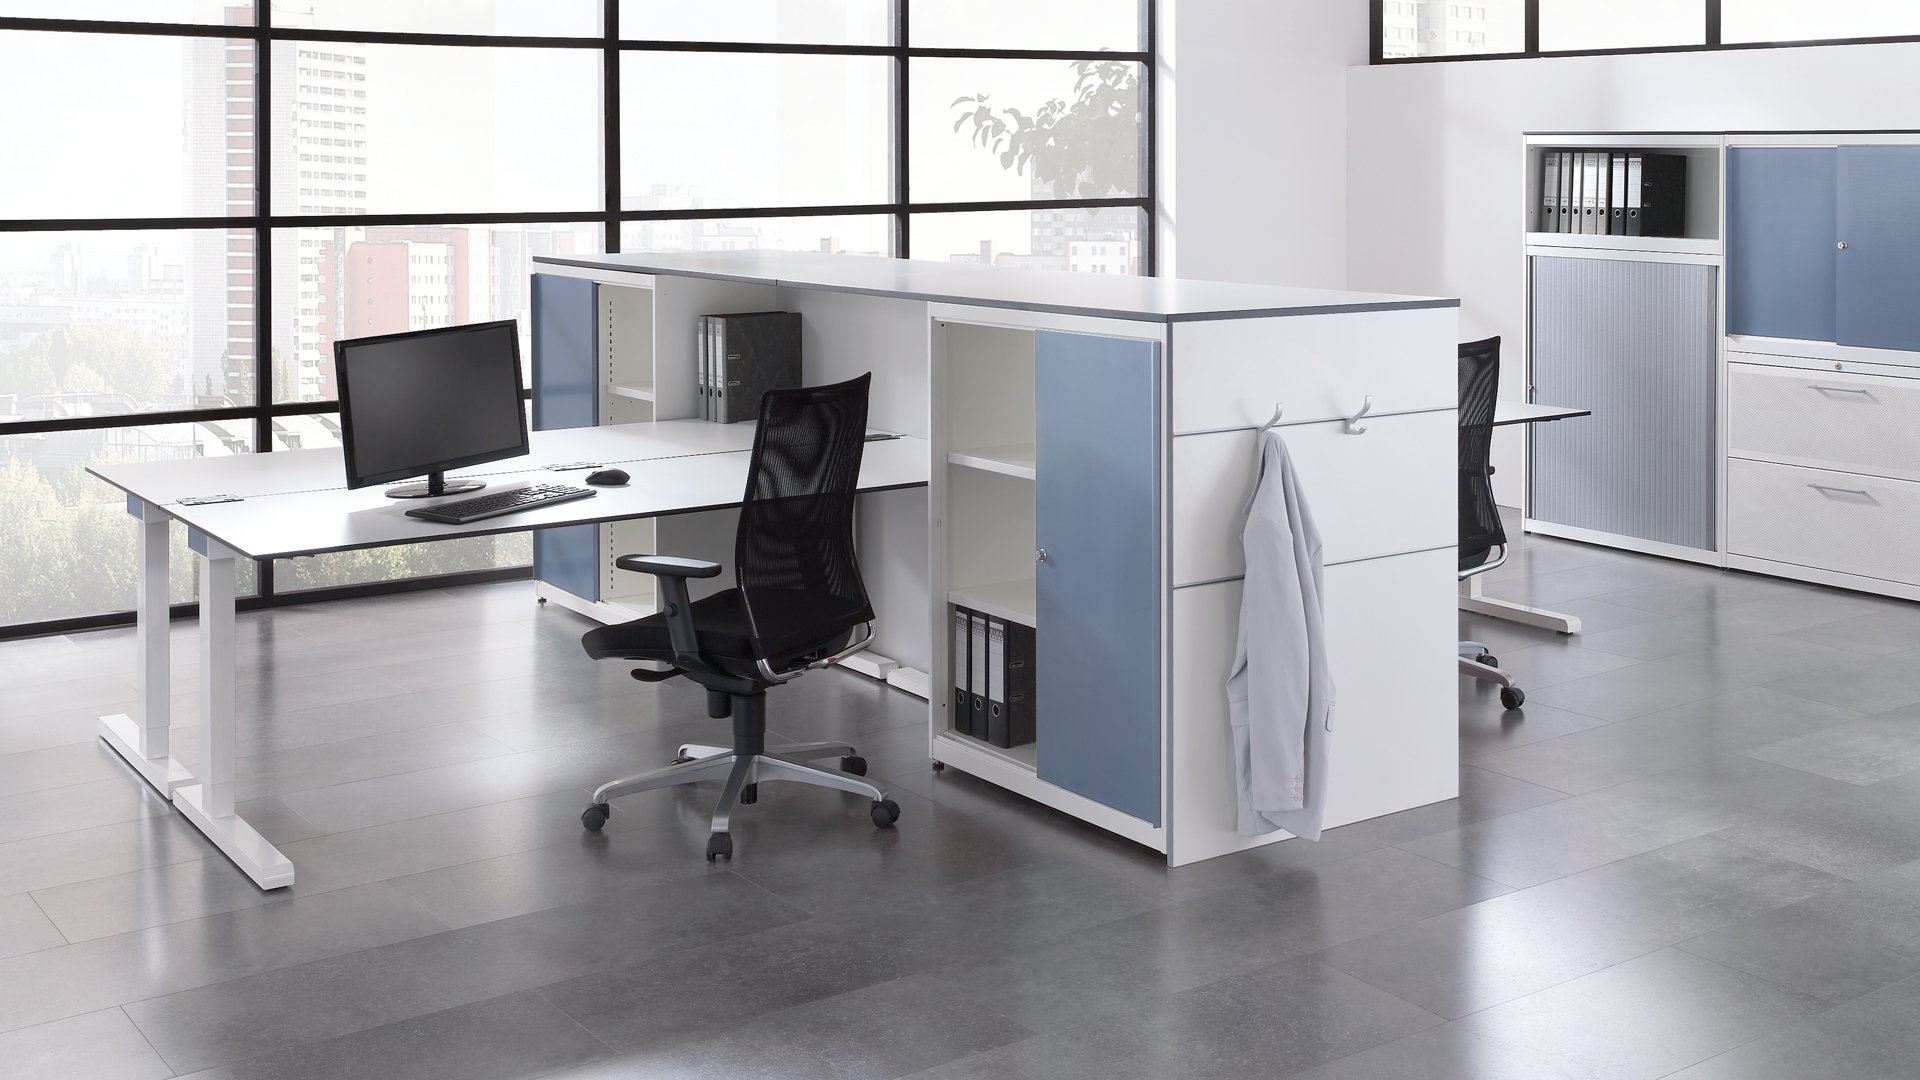 Schreibtisch-Arbeitstisch-hoehenverstellbar-Gruppenbuero-varitos-c-mauser-slider